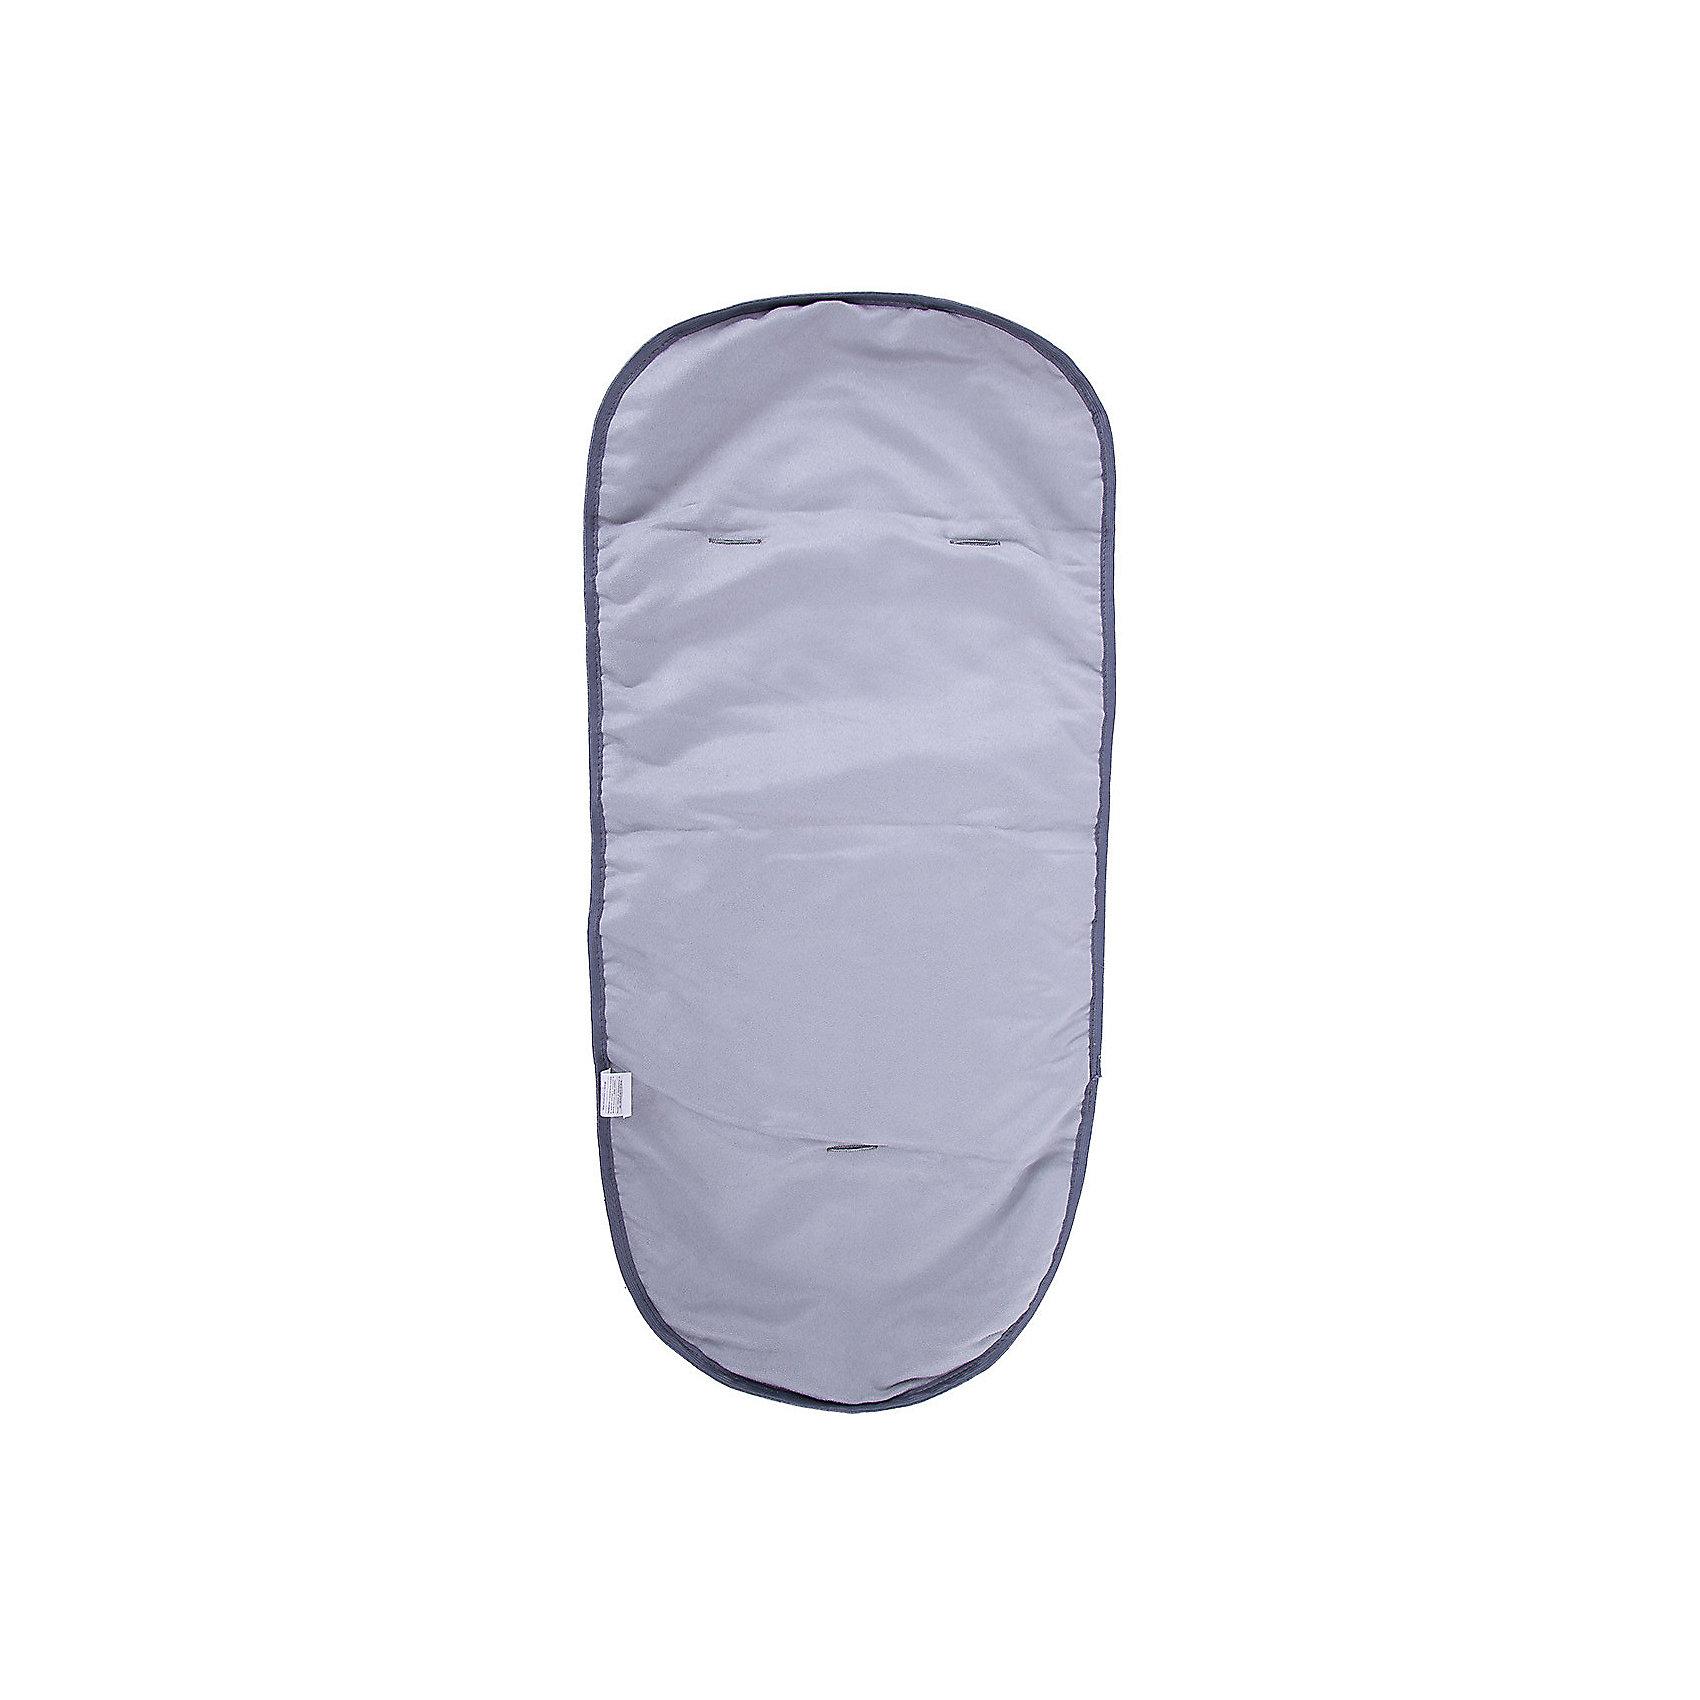 Матрасик в коляску замша, серыйСанки и снегокаты<br>Матрасик в коляску замша, серый, производителем которого является отечественный торговый бренд Ника, выполнен из сочетания материалов высокого качества, которые обеспечивают безопасность, комфорт, длительность использования, прочность и легкость в уходе. Верхняя часть изделия ? искусственная замша, которая обладает мягкостью; нижняя часть ? из полиэстера с пропиткой, что обеспечивает водоотталкивающие свойства. Благодаря этим свойствам, матрасик идеально подходит для зимних прогулок. Универсальный размер позволяет использовать изделие не только для детских колясок, но и для санок и автокресел. У матрасика предусмотрены прорези для ремней безопасности. <br><br>Дополнительная информация:<br><br>- Предназначение: для коляски, санок, автокресел<br>- Материал: полиэстер, искусственная замша, наполнитель ? синтепон<br>- Пол: для мальчика/для девочки<br>- Вес: 160 г<br>- Особенности ухода: допускается машинная стирка <br><br>Подробнее:<br><br>• Для детей в возрасте: от 0 месяцев<br>• Страна производитель: Россия<br>• Торговый бренд: Ника<br><br>Матрасик в коляску замша, серый можно купить в нашем интернет-магазине.<br><br>Ширина мм: 250<br>Глубина мм: 780<br>Высота мм: 25<br>Вес г: 160<br>Возраст от месяцев: 12<br>Возраст до месяцев: 60<br>Пол: Унисекс<br>Возраст: Детский<br>SKU: 4935347